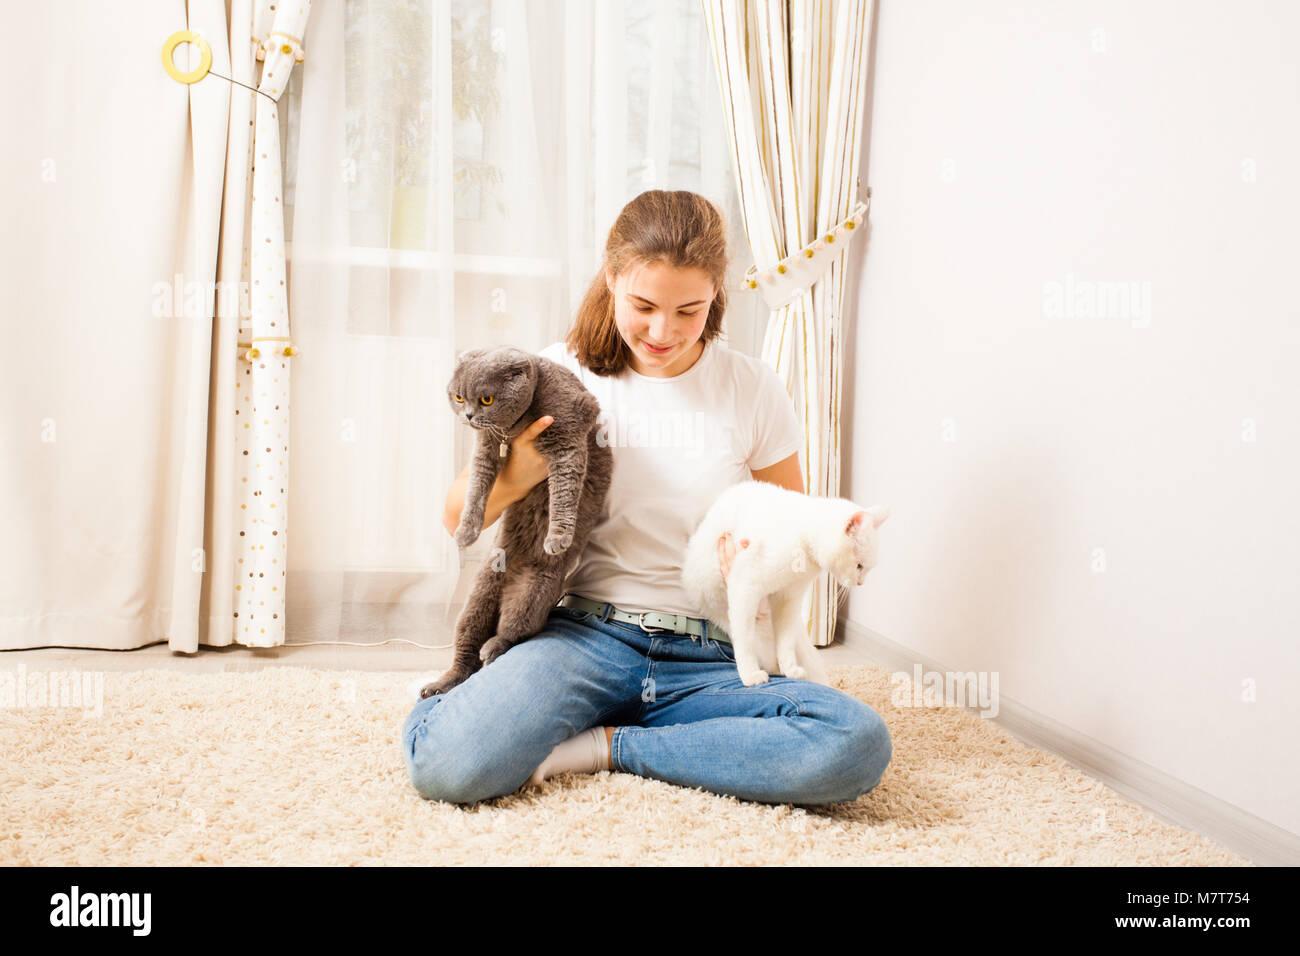 Jolie fille joue avec ses chats Photo Stock